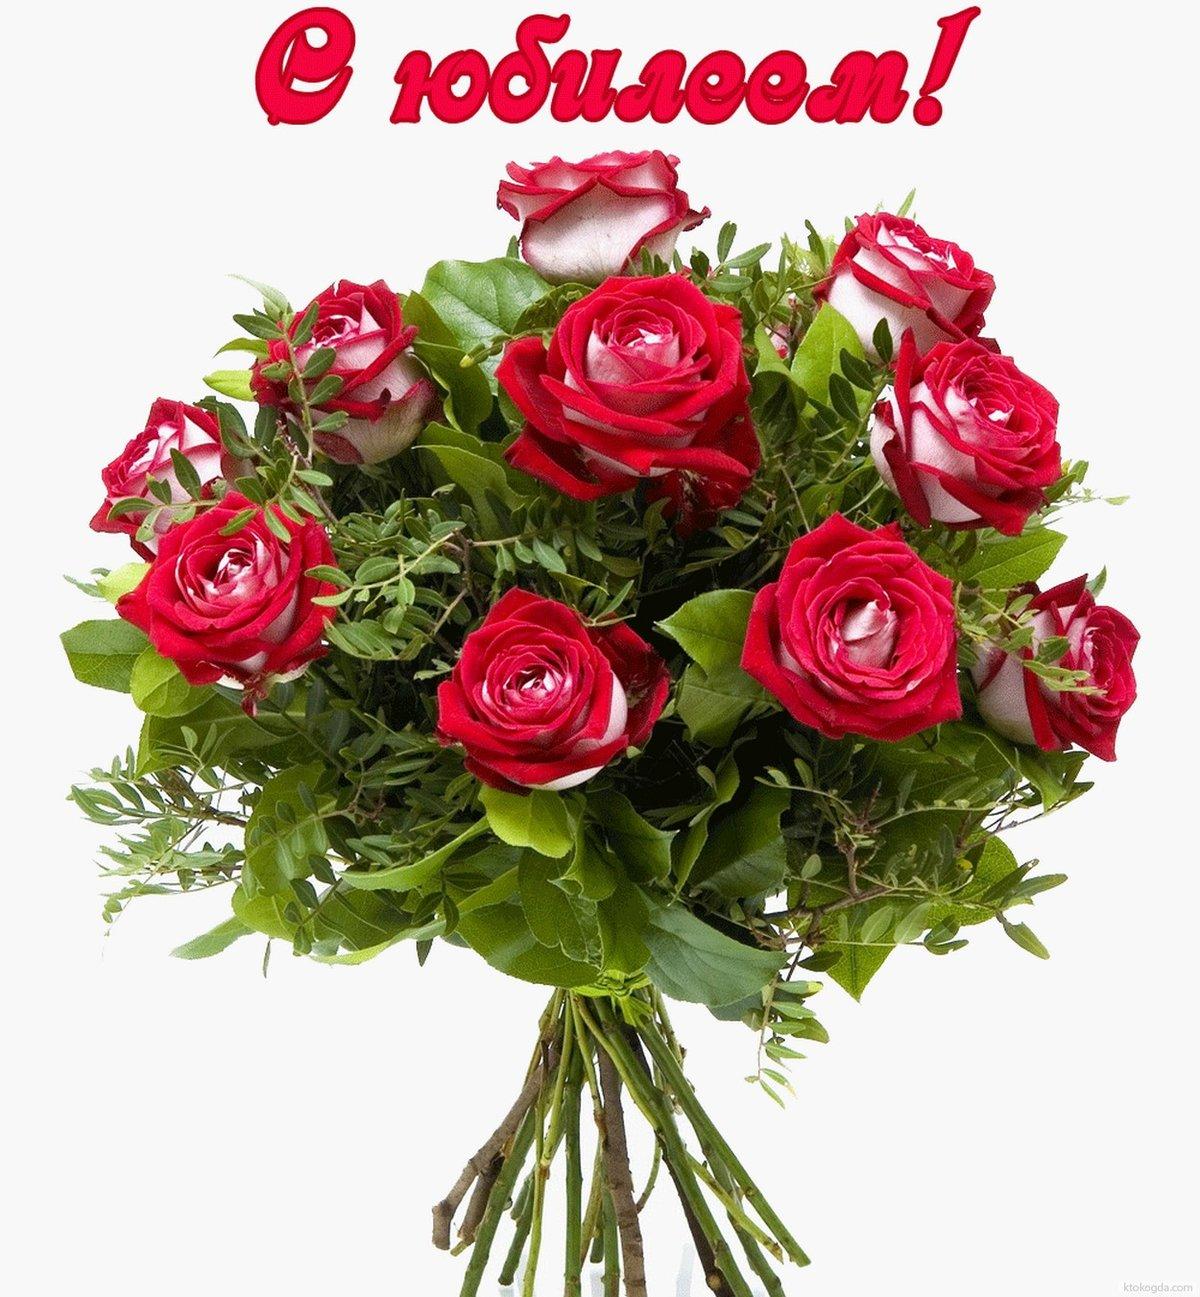 Картинки цветов для поздравления с юбилеем, объемная мая